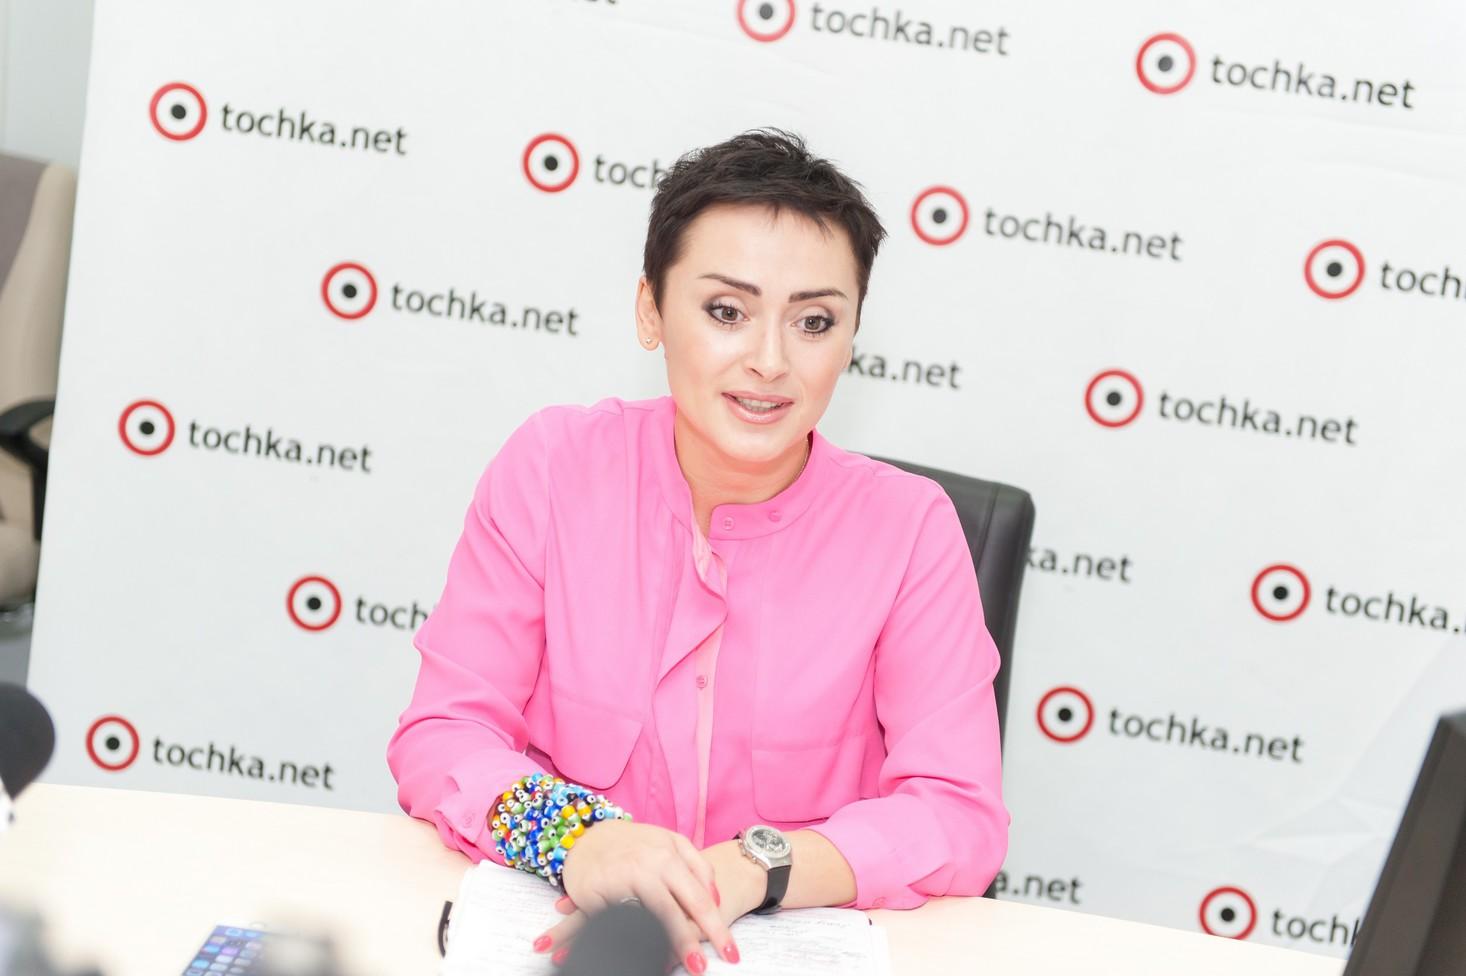 психолог Анна Богинская